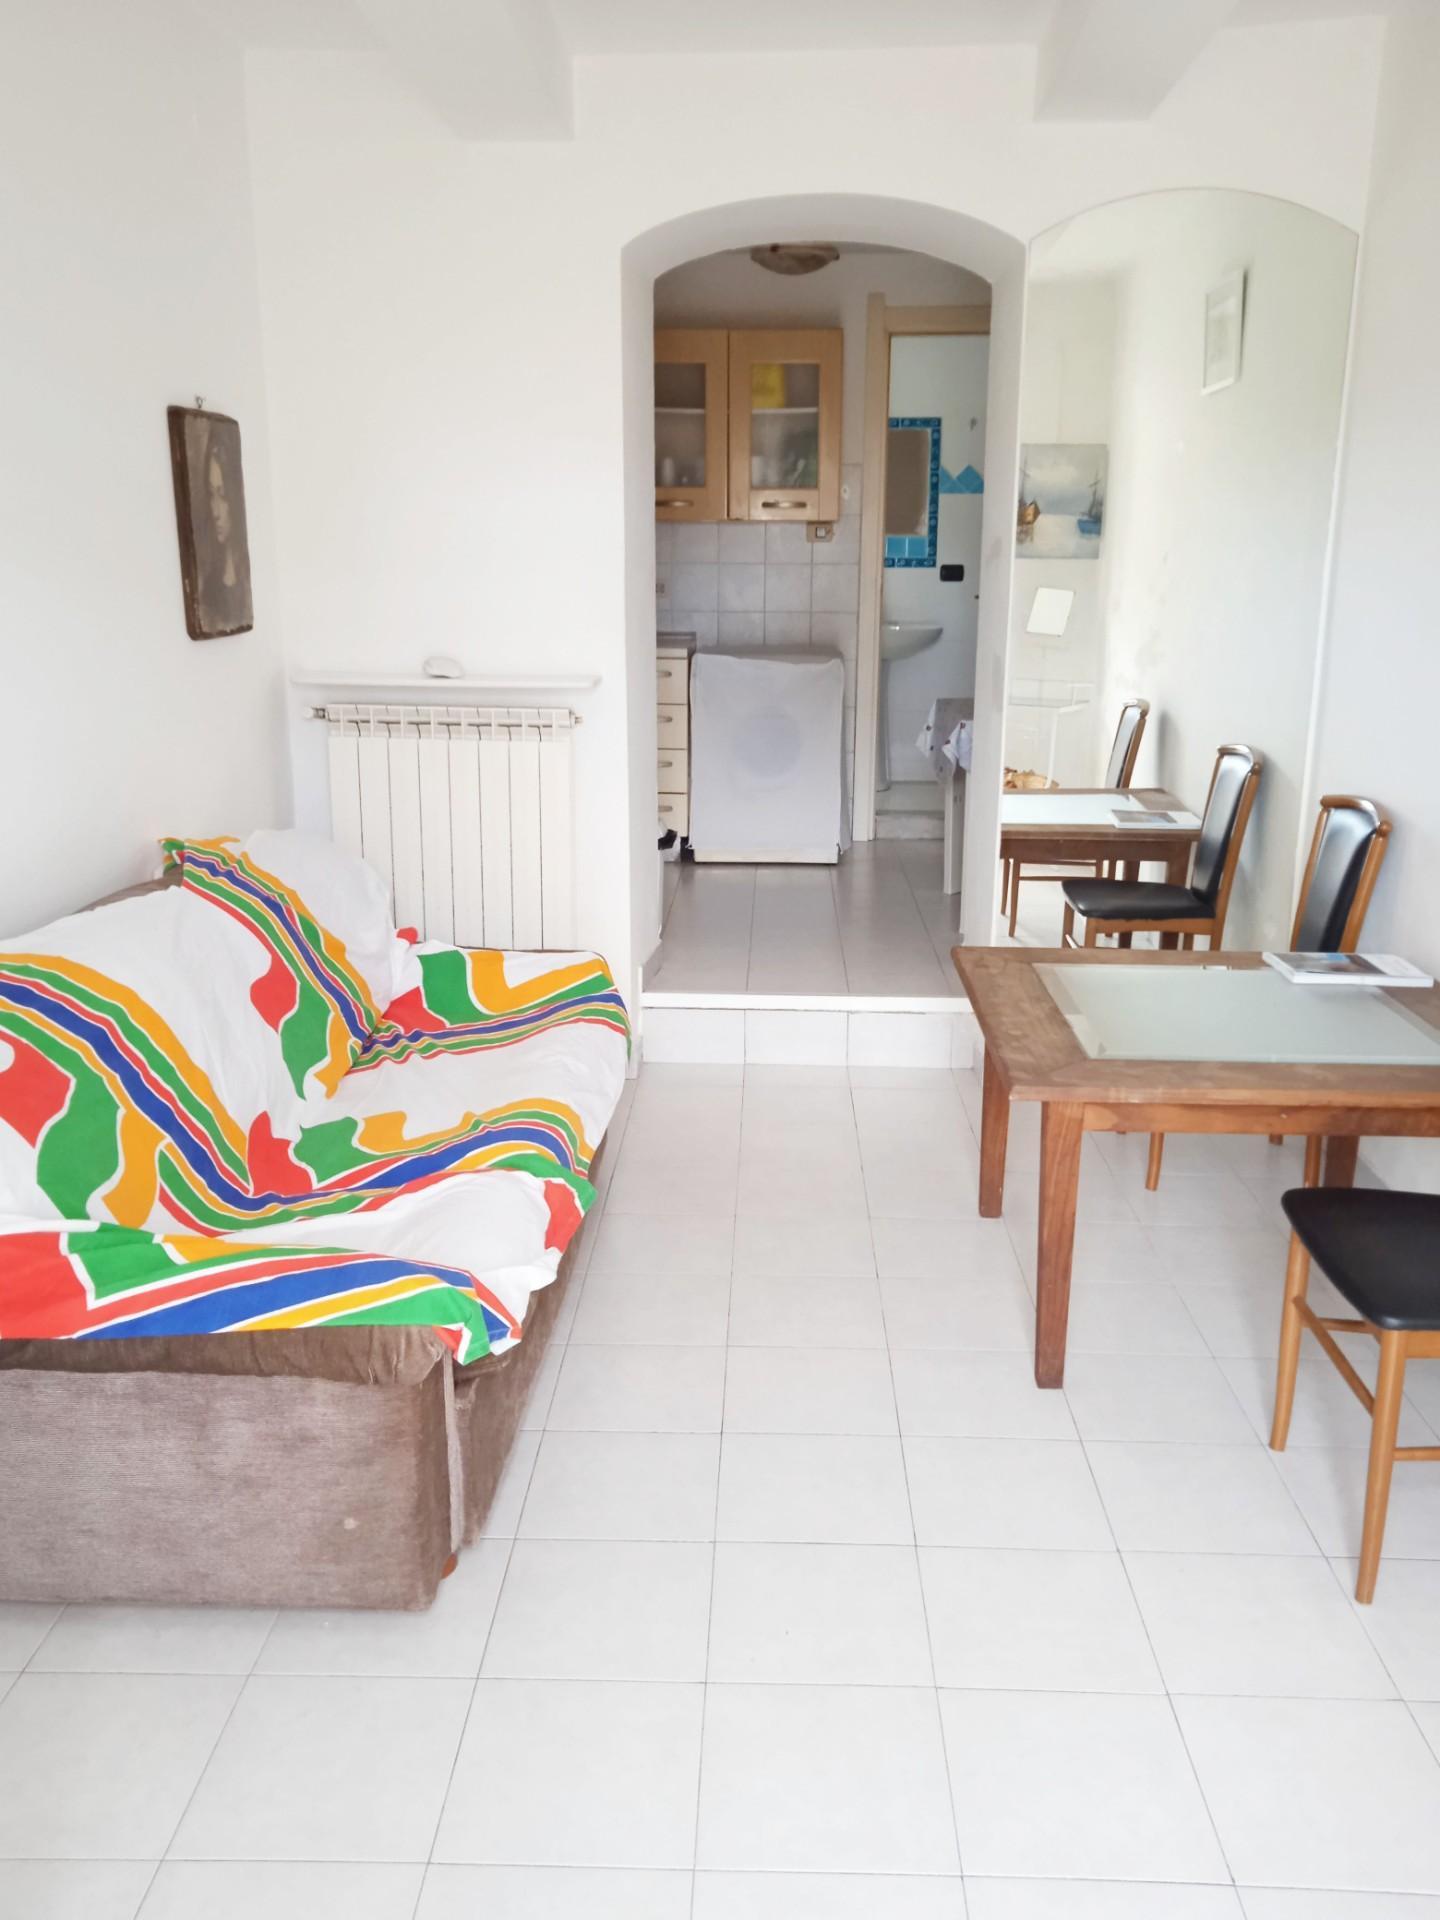 Porzione di casa in affitto a Carrara (MS)